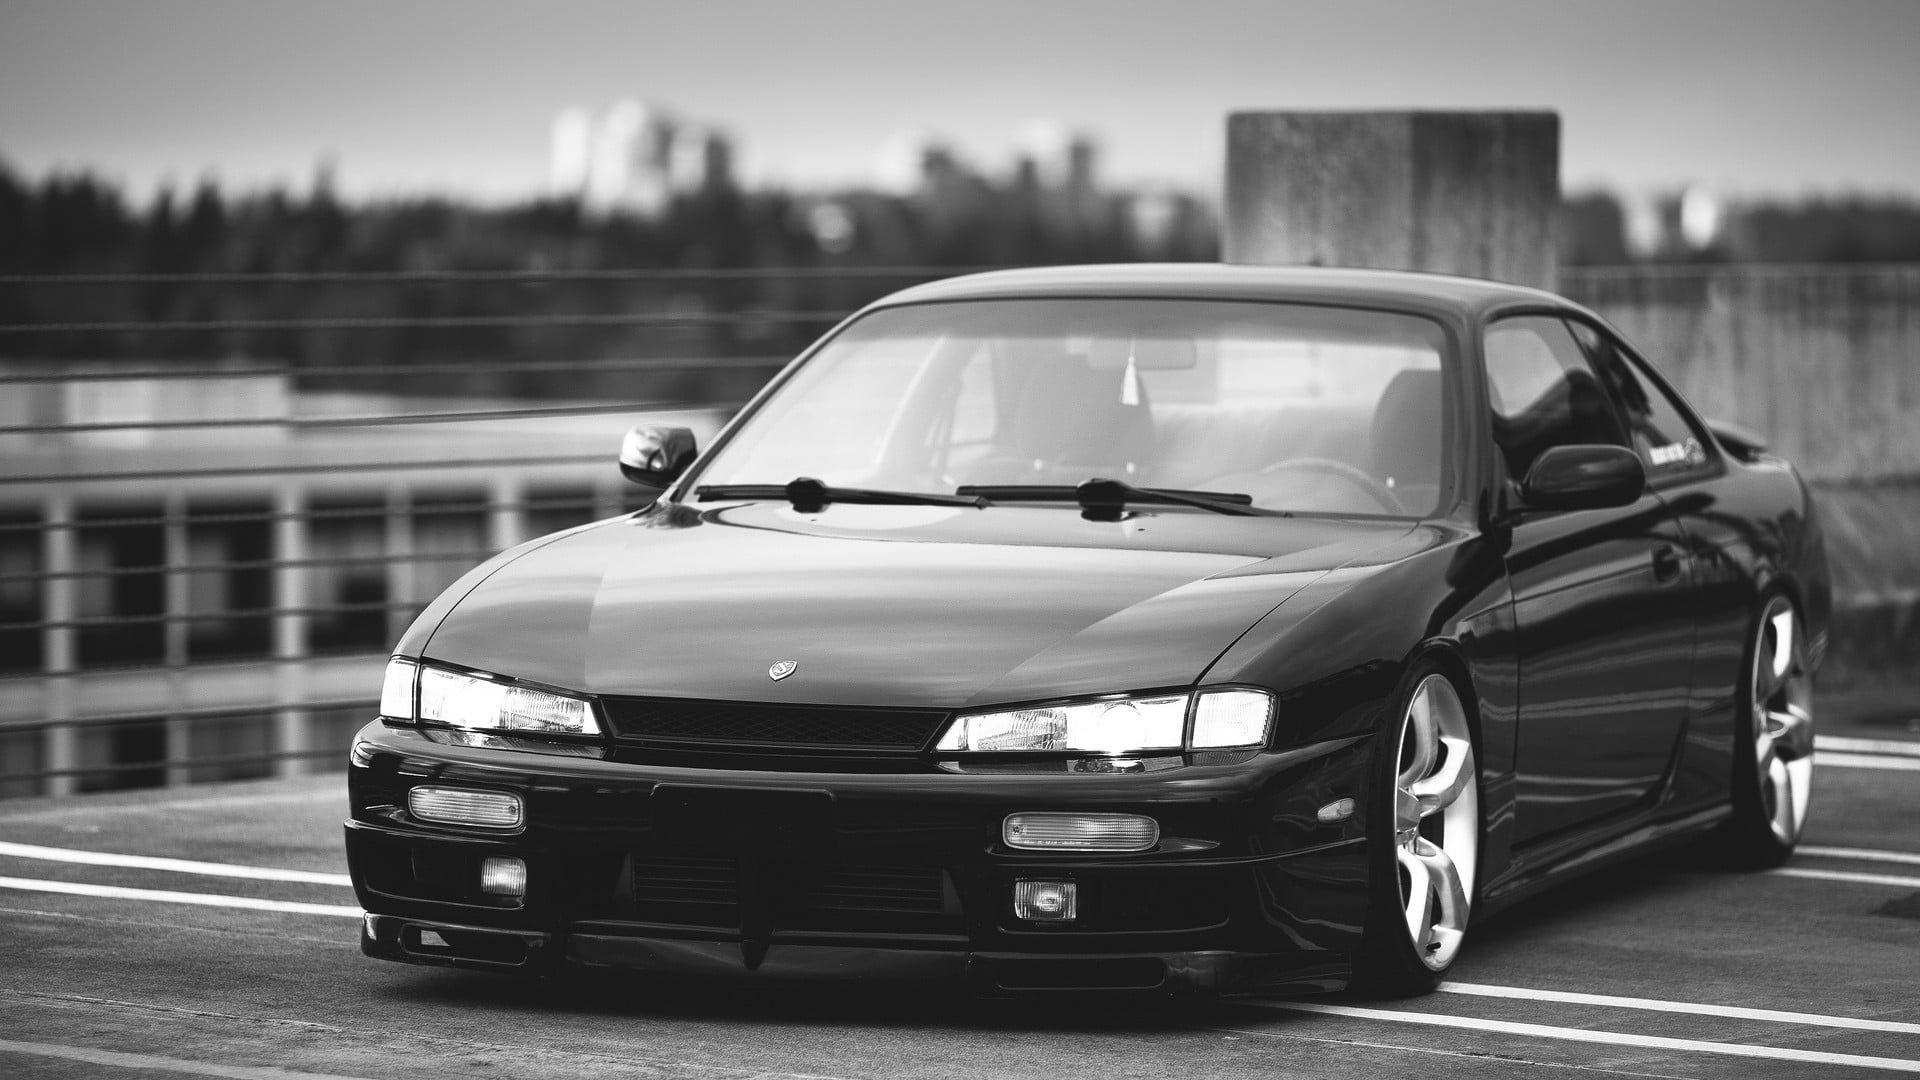 Black Honda Cr V Suv Nissan Silvia S14 Kouki Car Jdm Tuning 1080p Wallpaper Hdwallpaper Desktop Jdm Wallpaper Nissan Silvia Black Honda